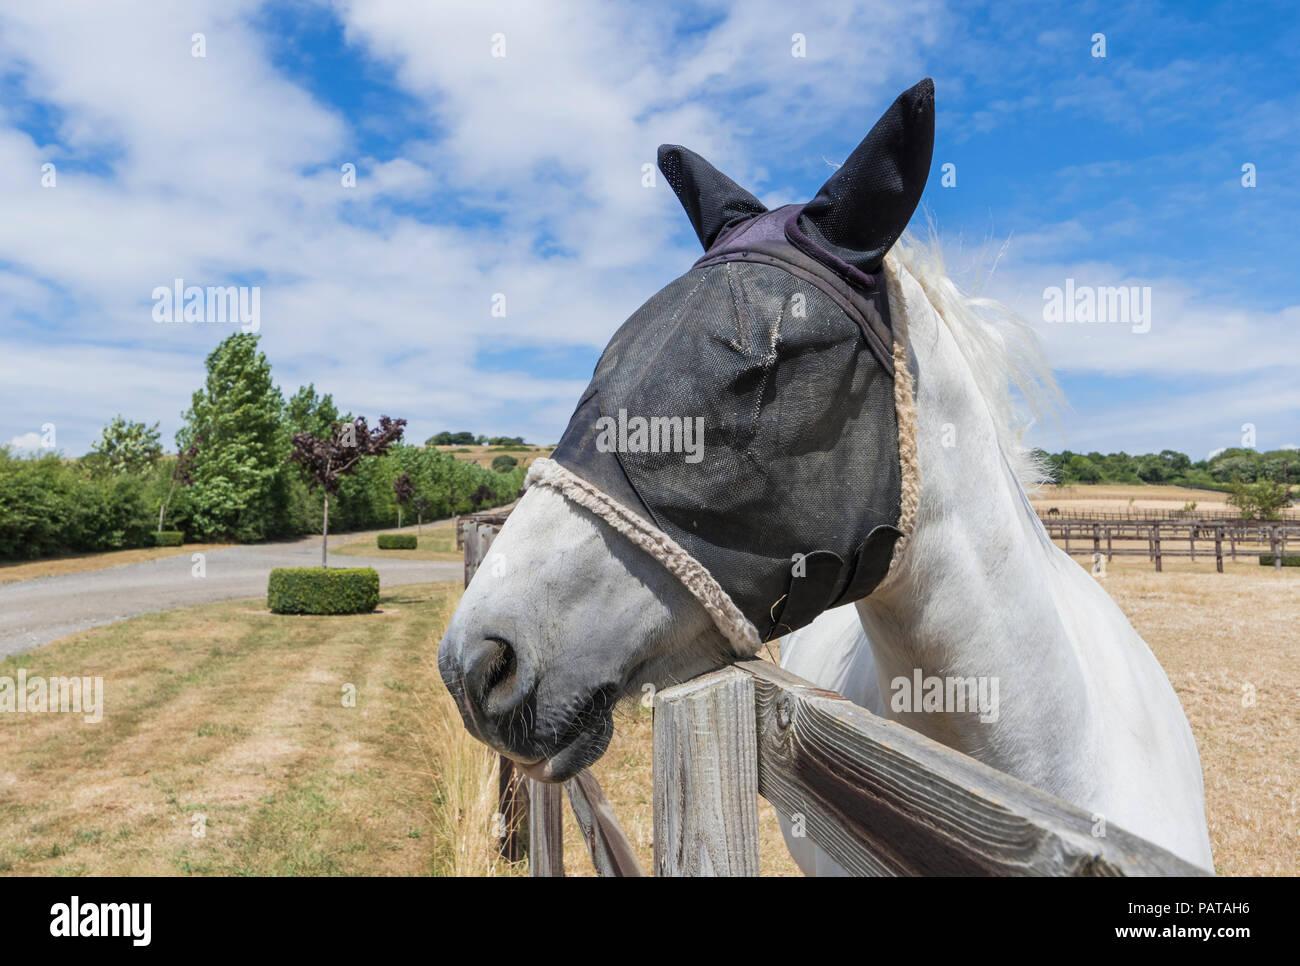 White Horse in estate guardando sopra un recinto, indossando una maglia fly velo maschera di protezione sulla sua testa e orecchie per proteggere da mosche, NEL REGNO UNITO. Immagini Stock